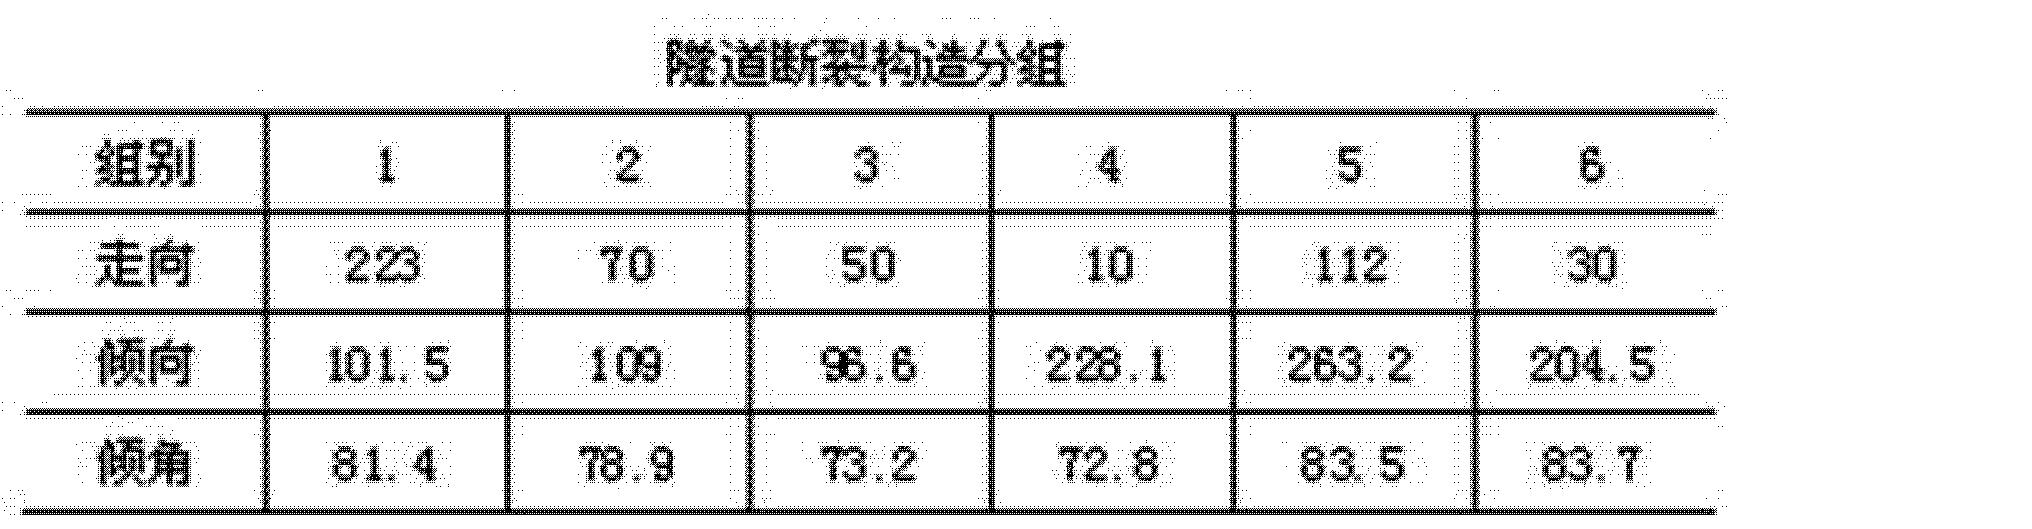 Figure CN101936008BD00131